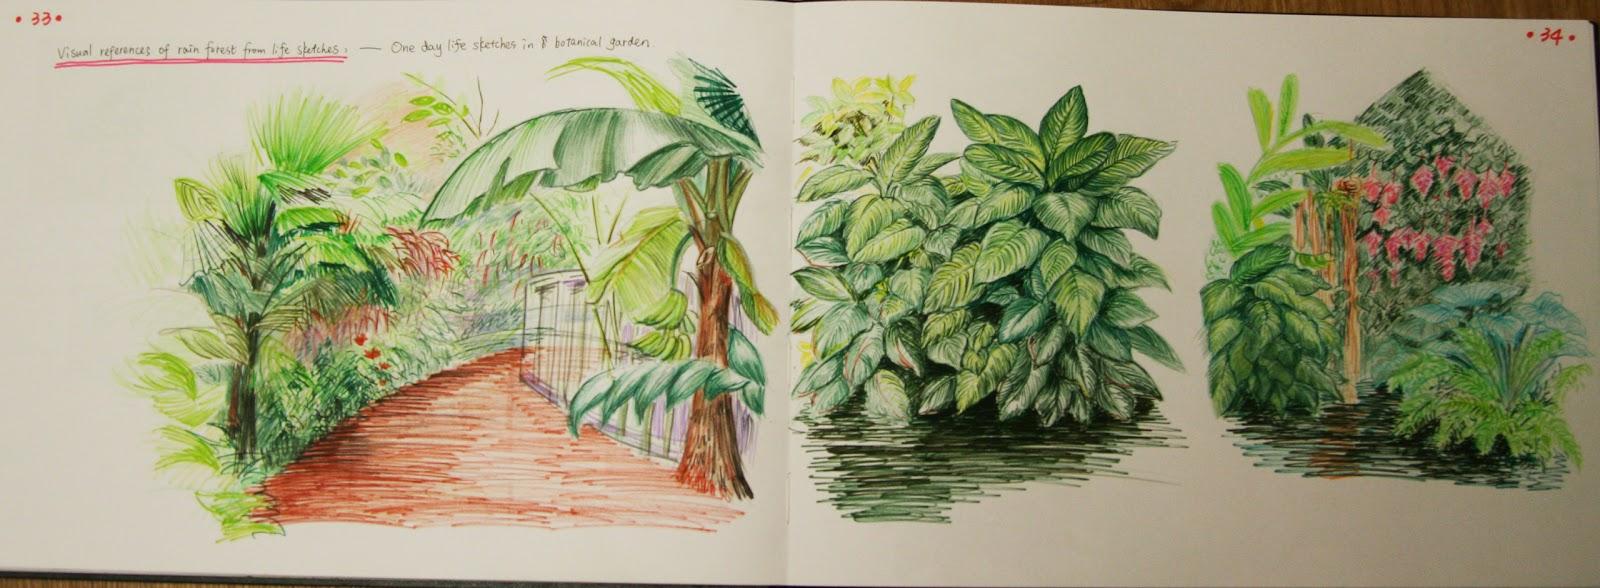 Illustration Design Sketching Tropical Plants In Botanical Garden